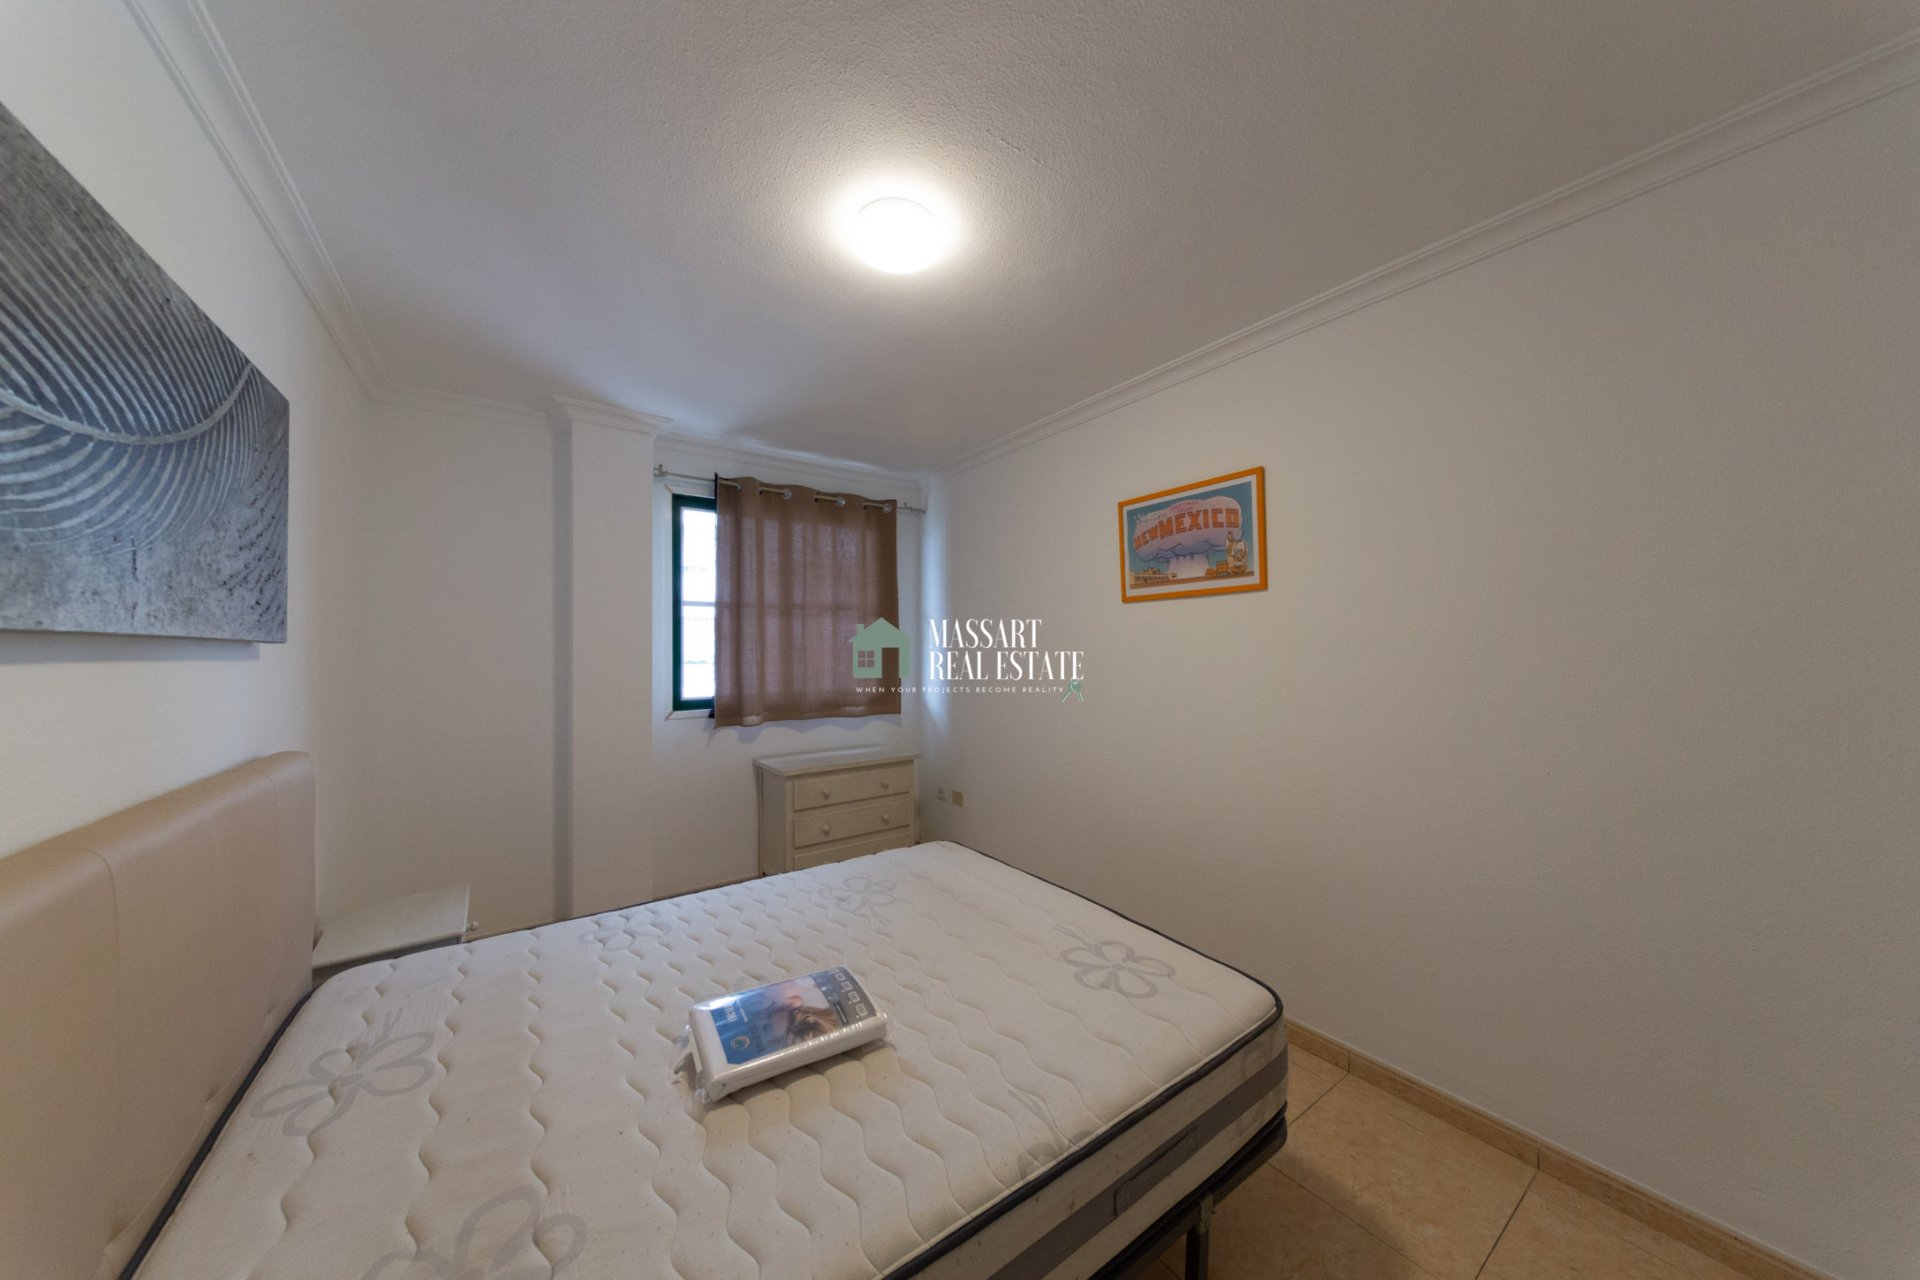 Appartement de 73 m2 caractérisé par son bon état de conservation, sa grande taille et son emplacement stratégique... au centre d'ADEJE!